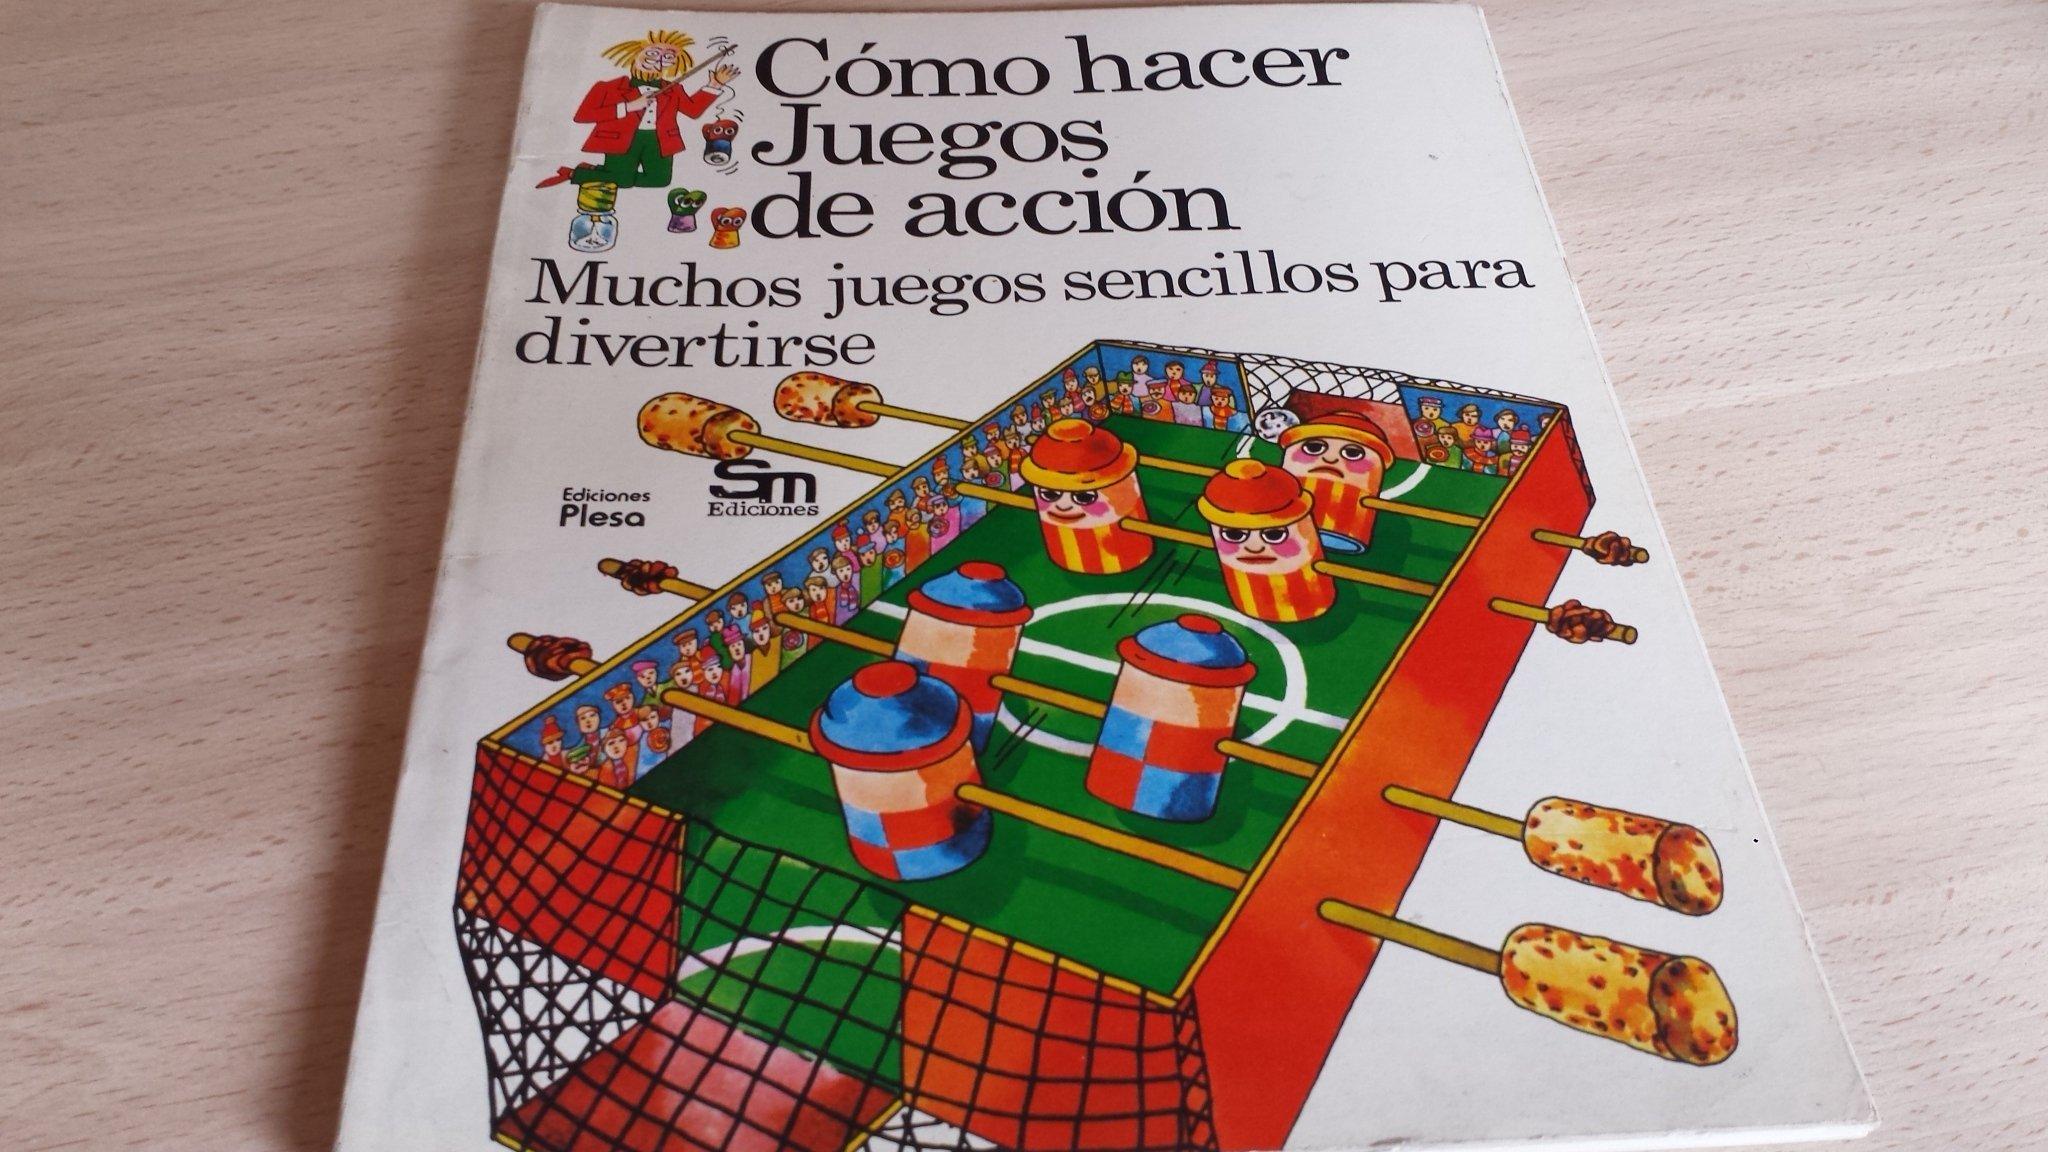 Como Hacer Juegos De Accion Paperback – October 1, 1986